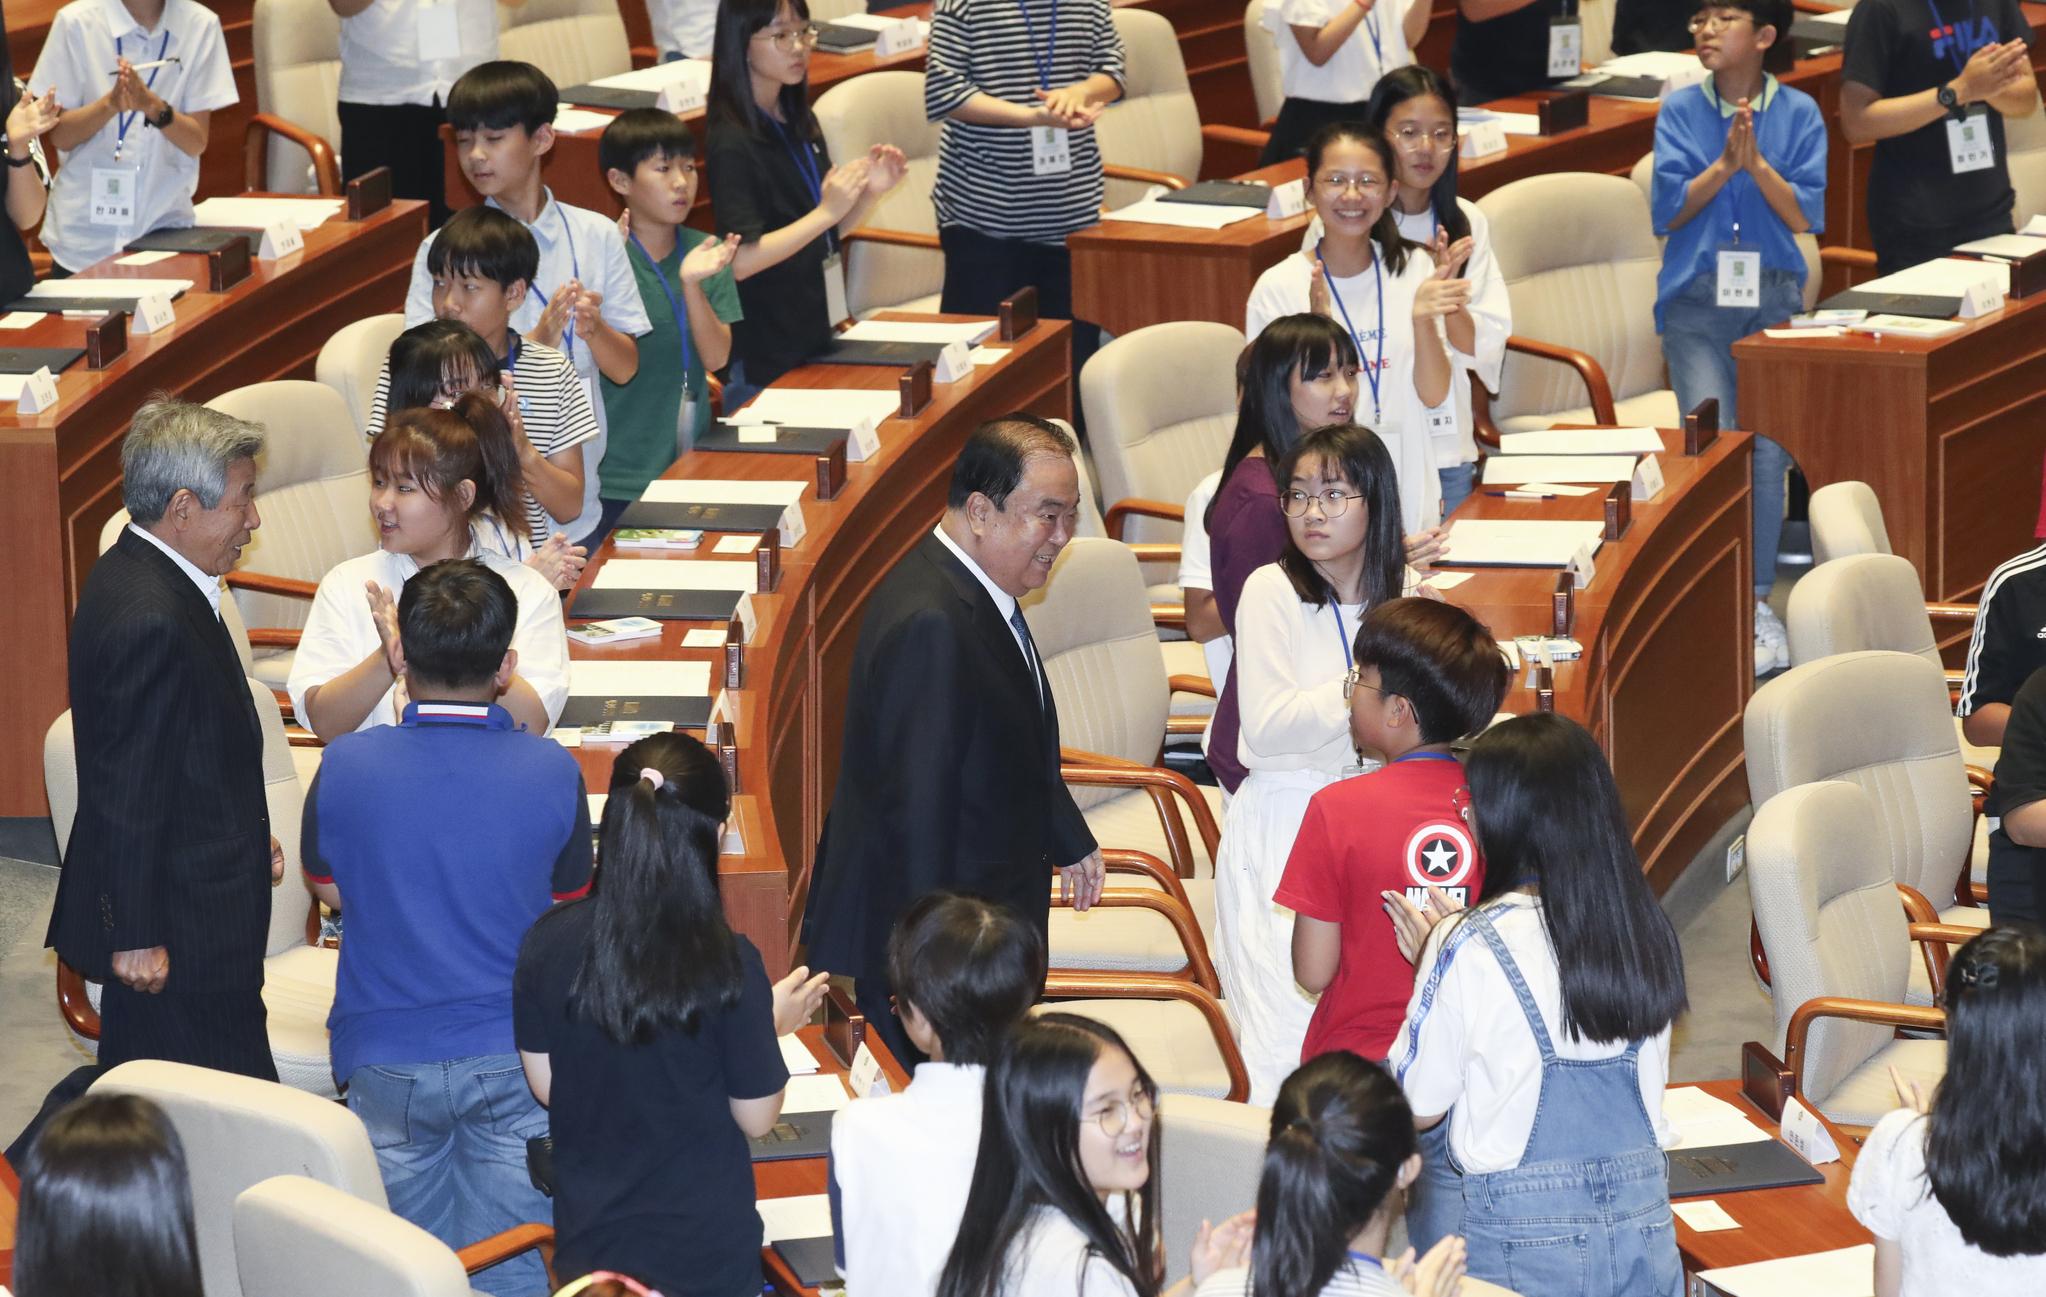 문희상 국회의장(가운데)와 유인태 사무총장이 어린이 의원들의 박수를 받으며 본회의장으로 들어오고 있다. 임현동 기자